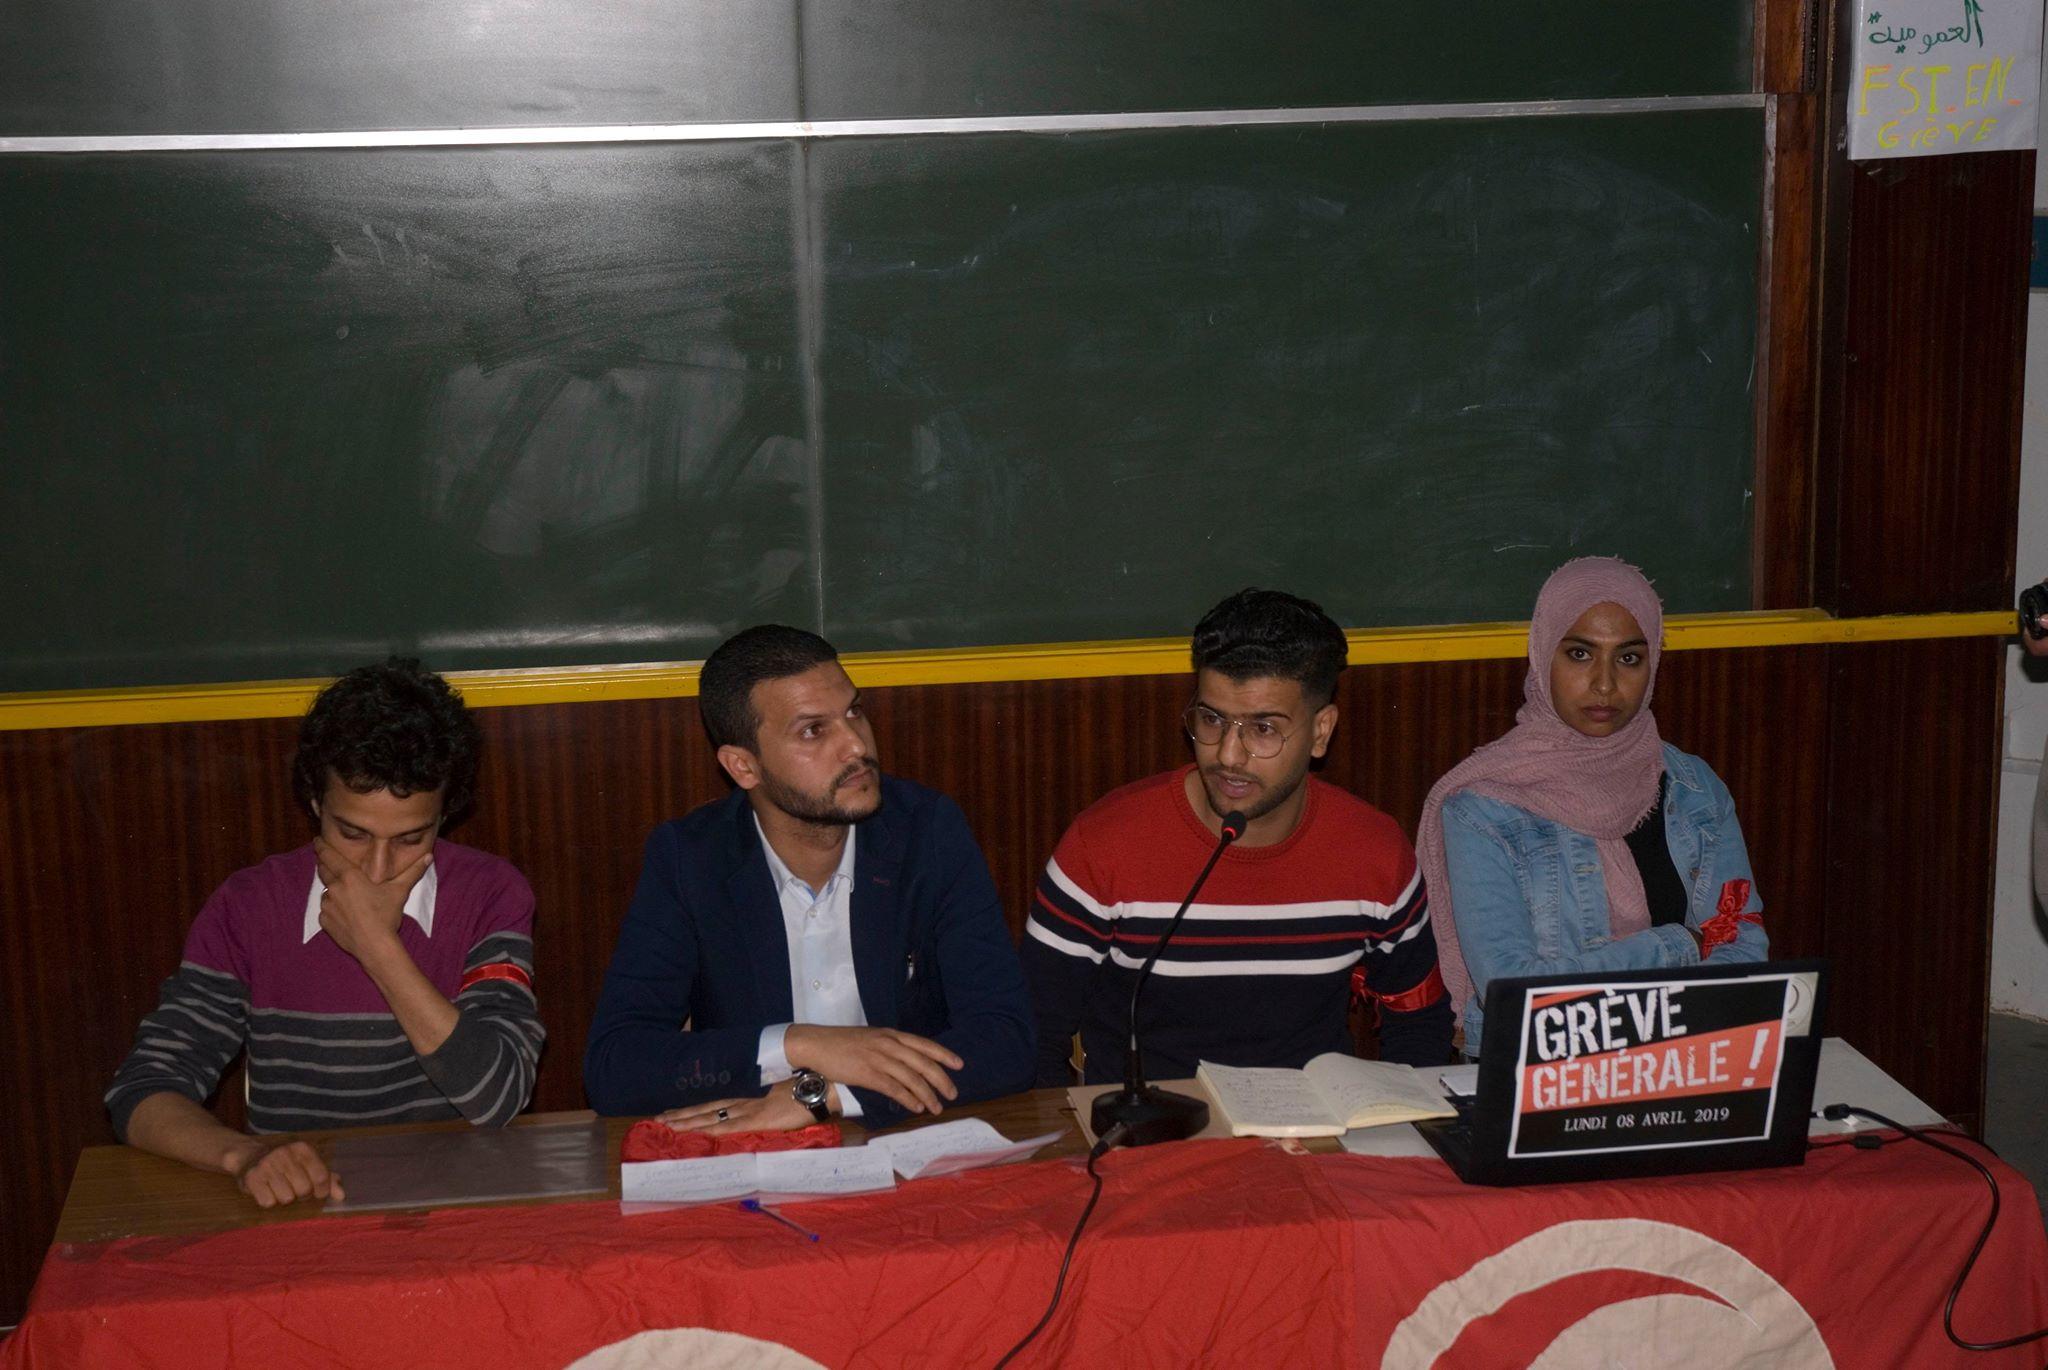 طلبة كليّة تونس: إلغاء الكاباس قرار مُسقط وارتجالي